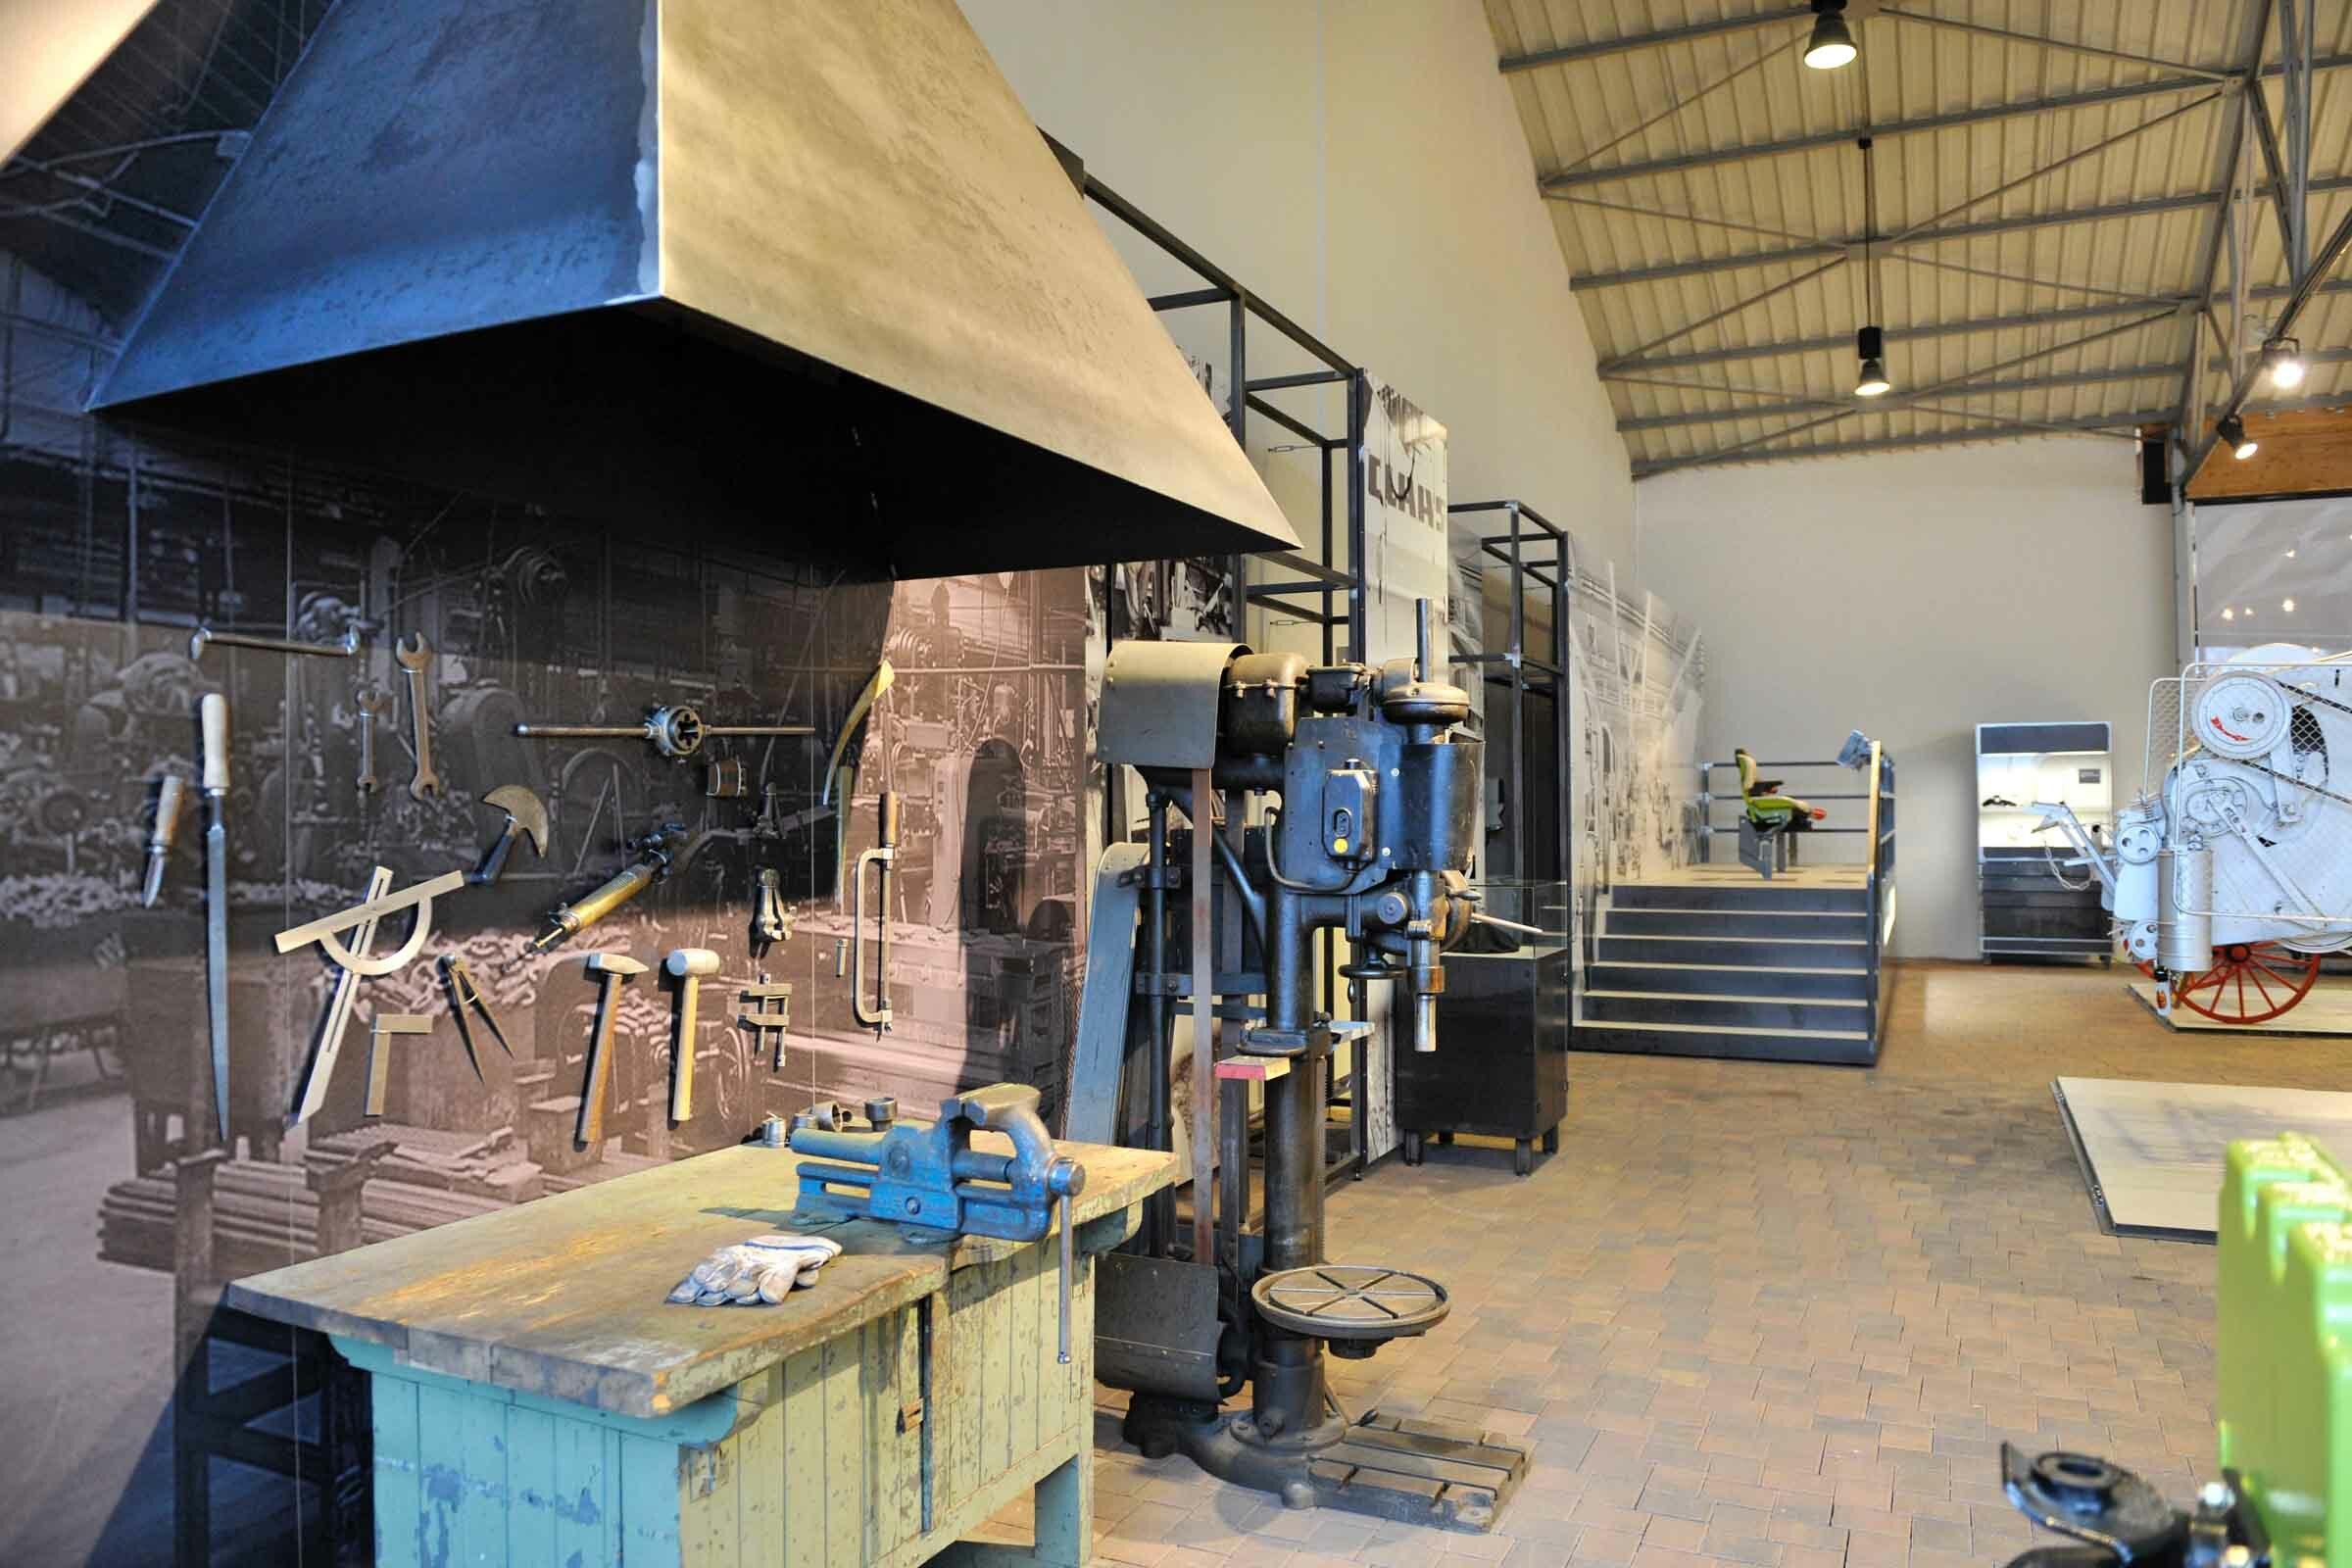 Exponat einer historischen Werkstätte mit Werkzeugen